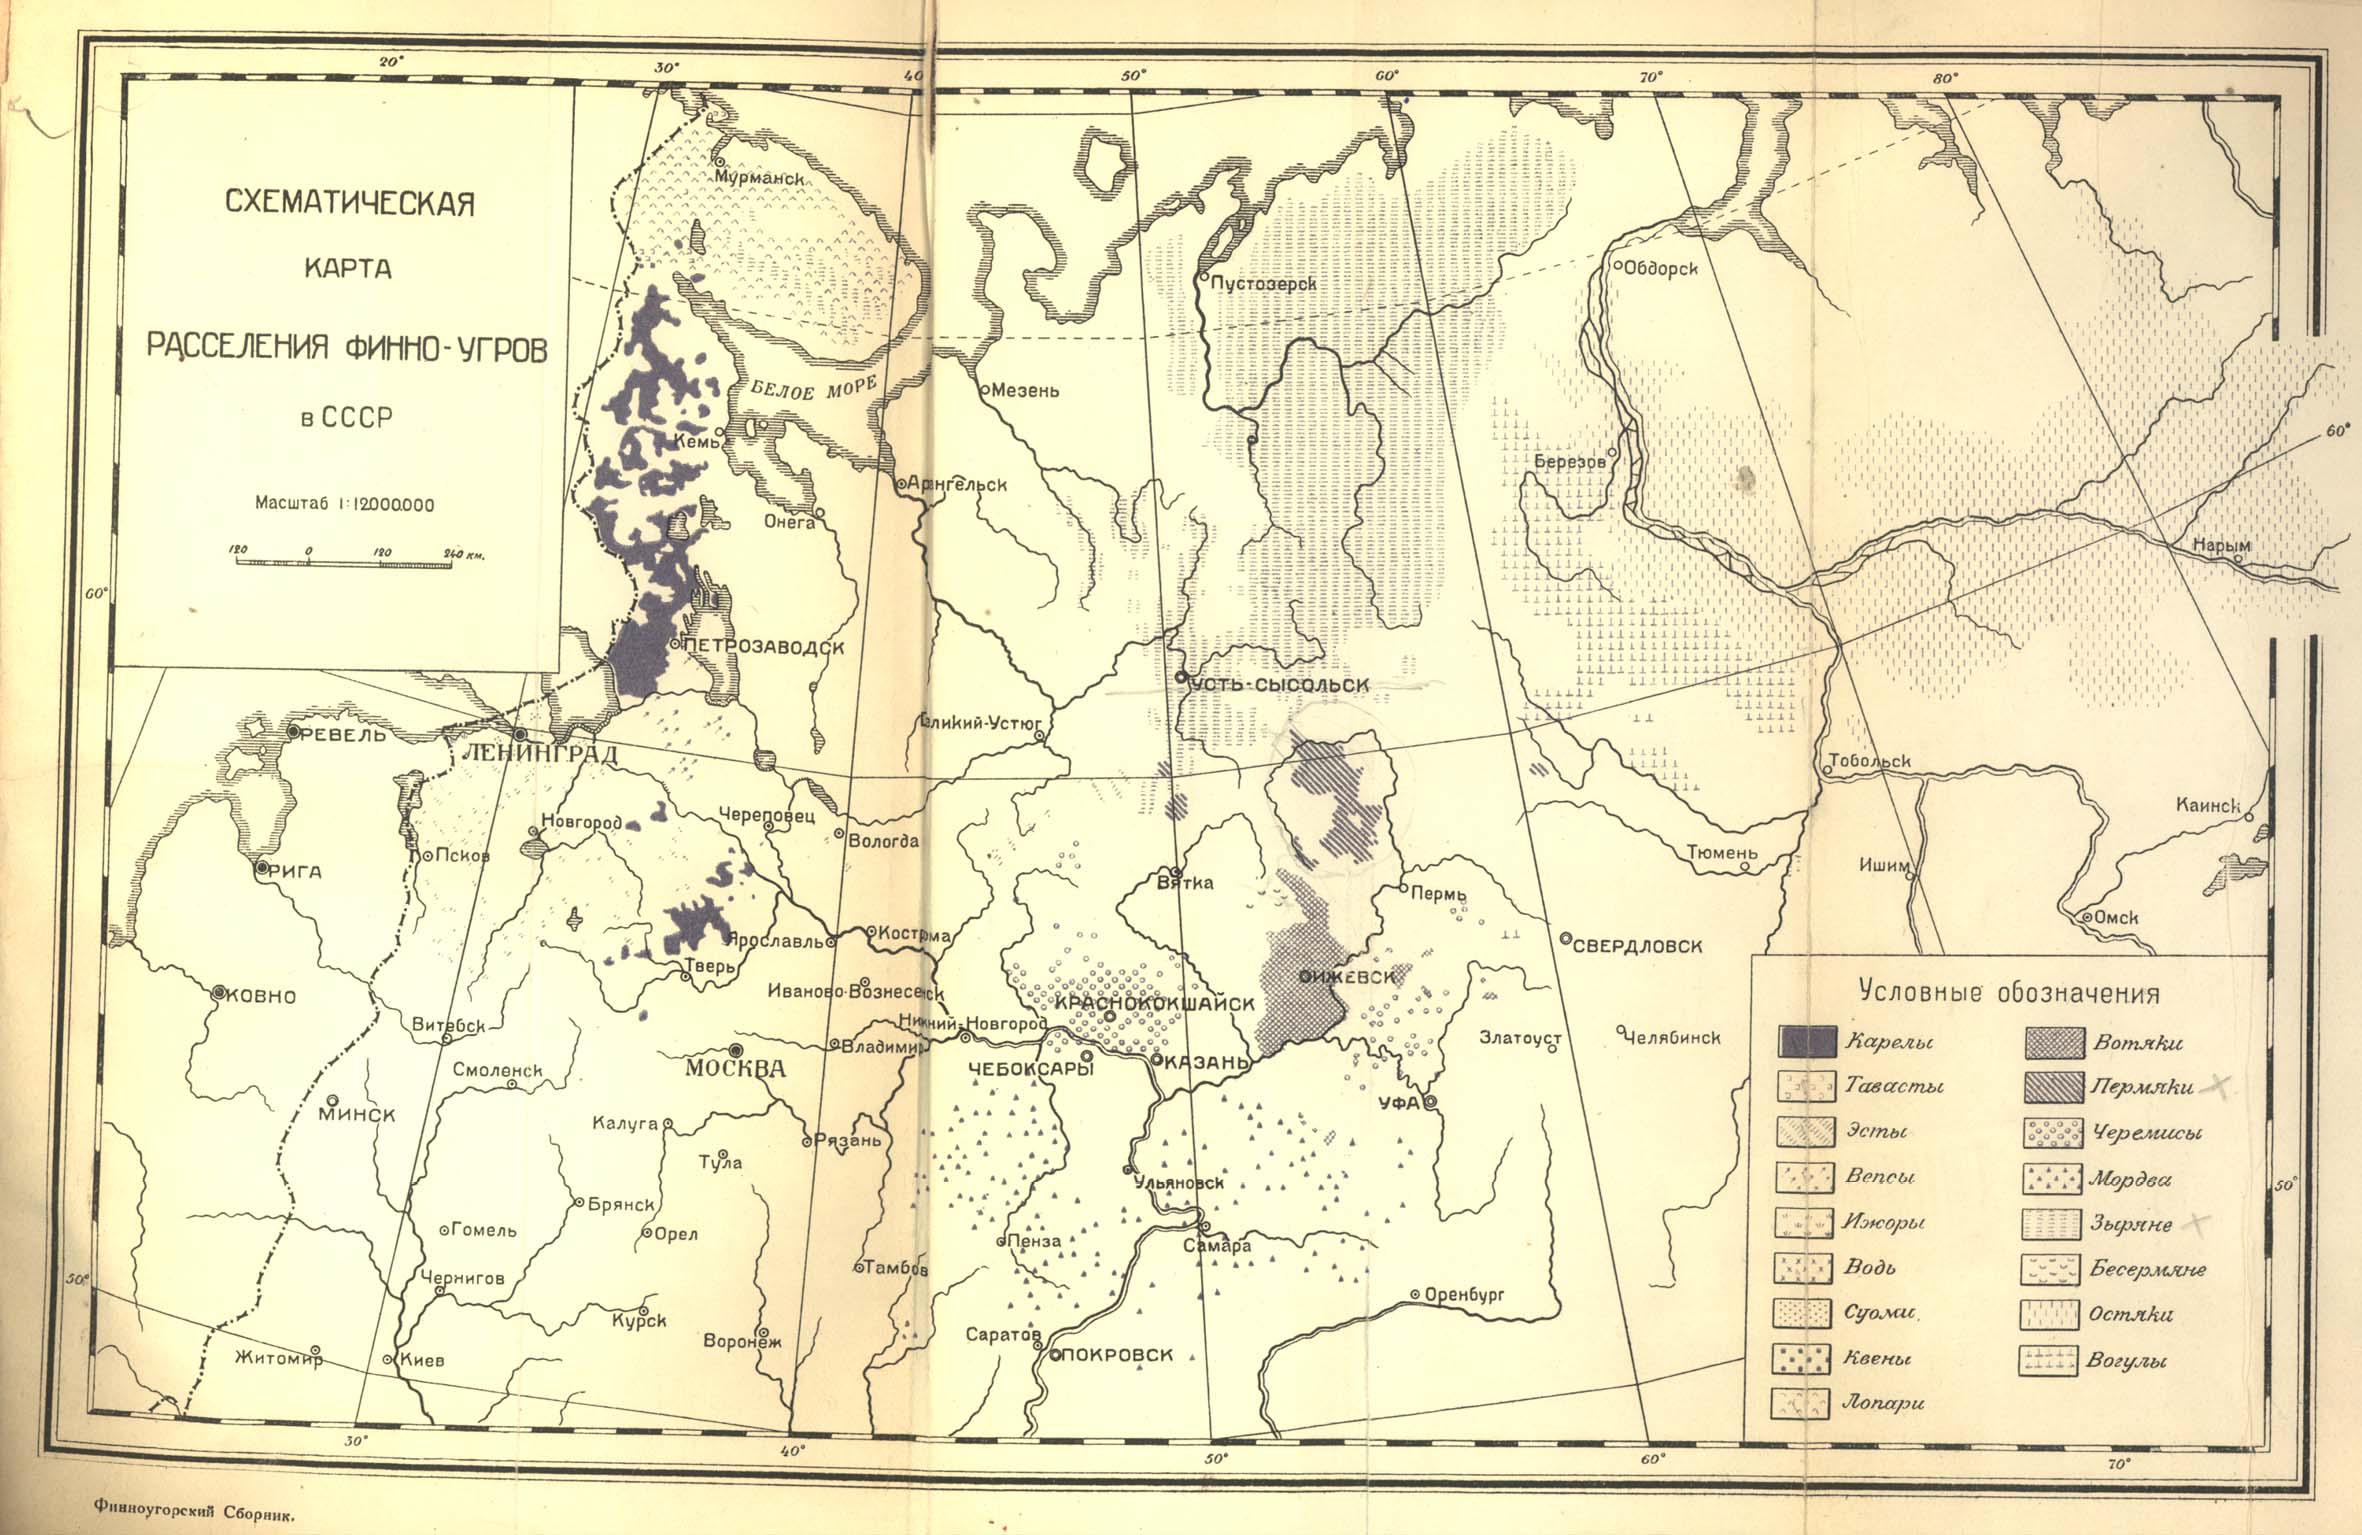 Схематическая карта расселения финно-угров в СССР (1928)